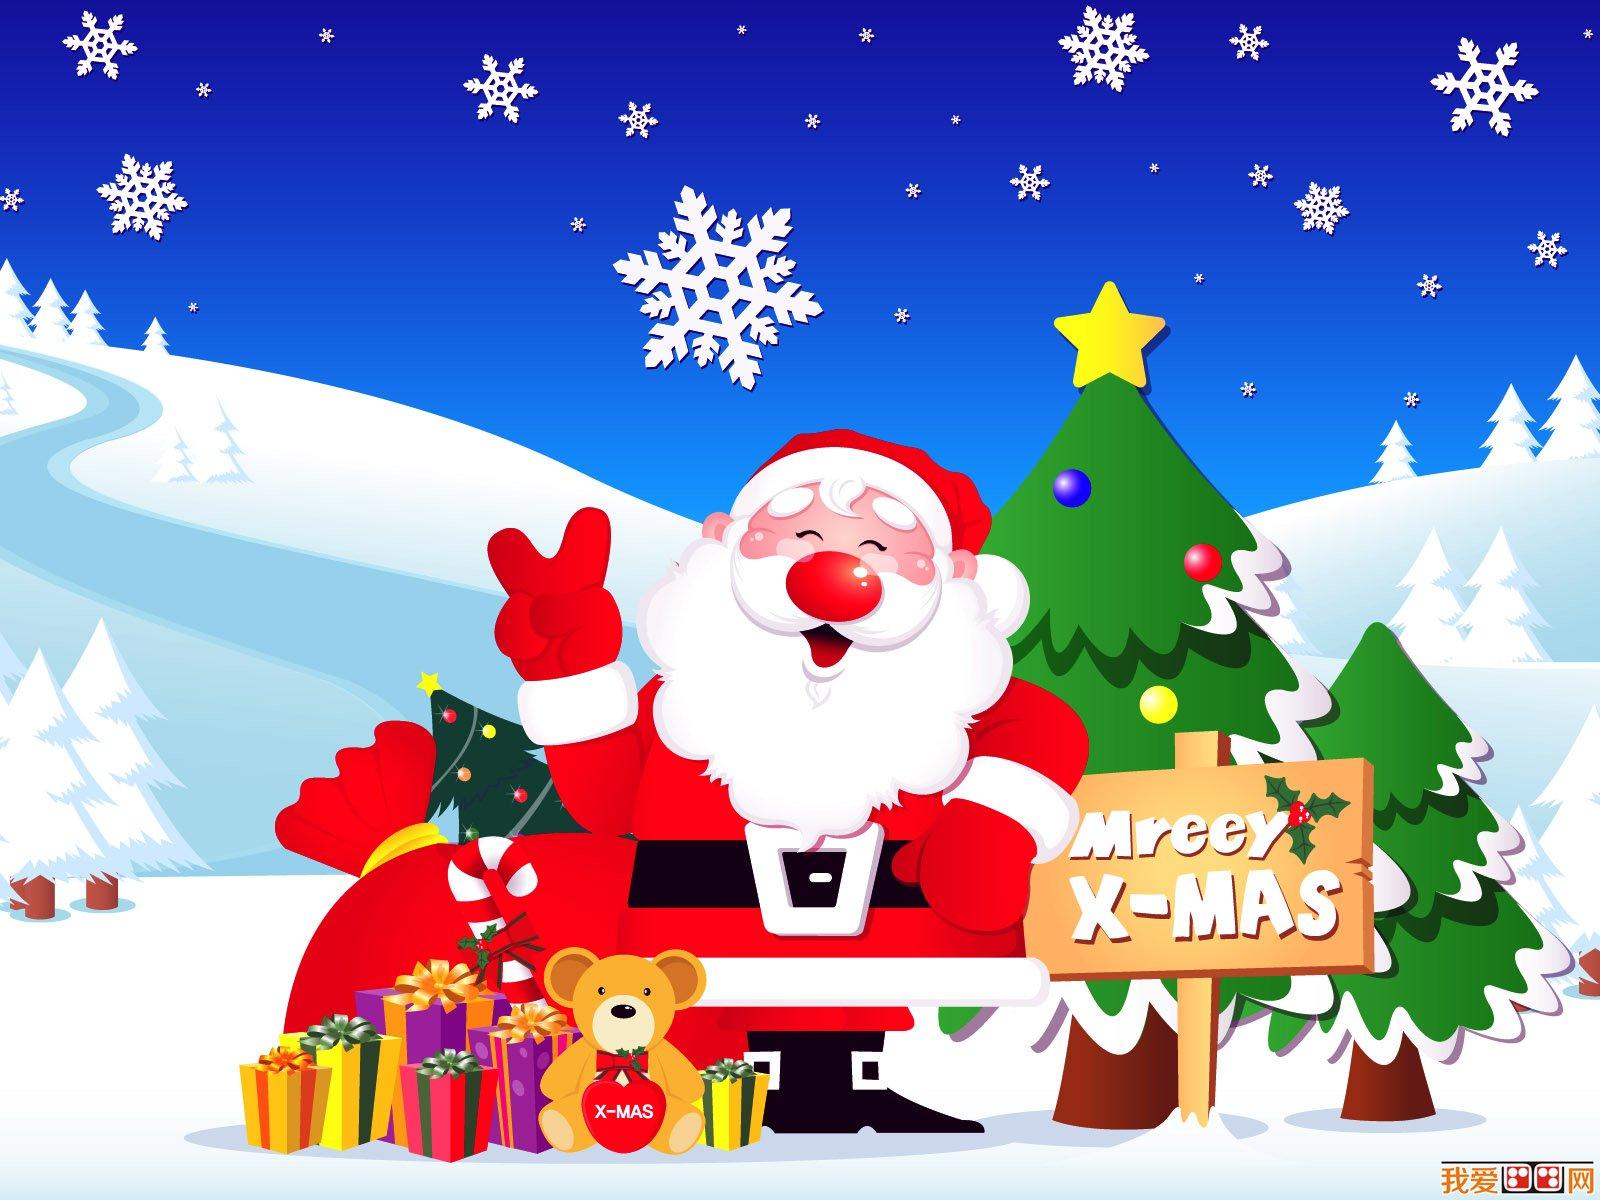 圣诞节主题可爱卡通画图片 十九世纪初发展至中叶,整个欧洲,美洲开始图片